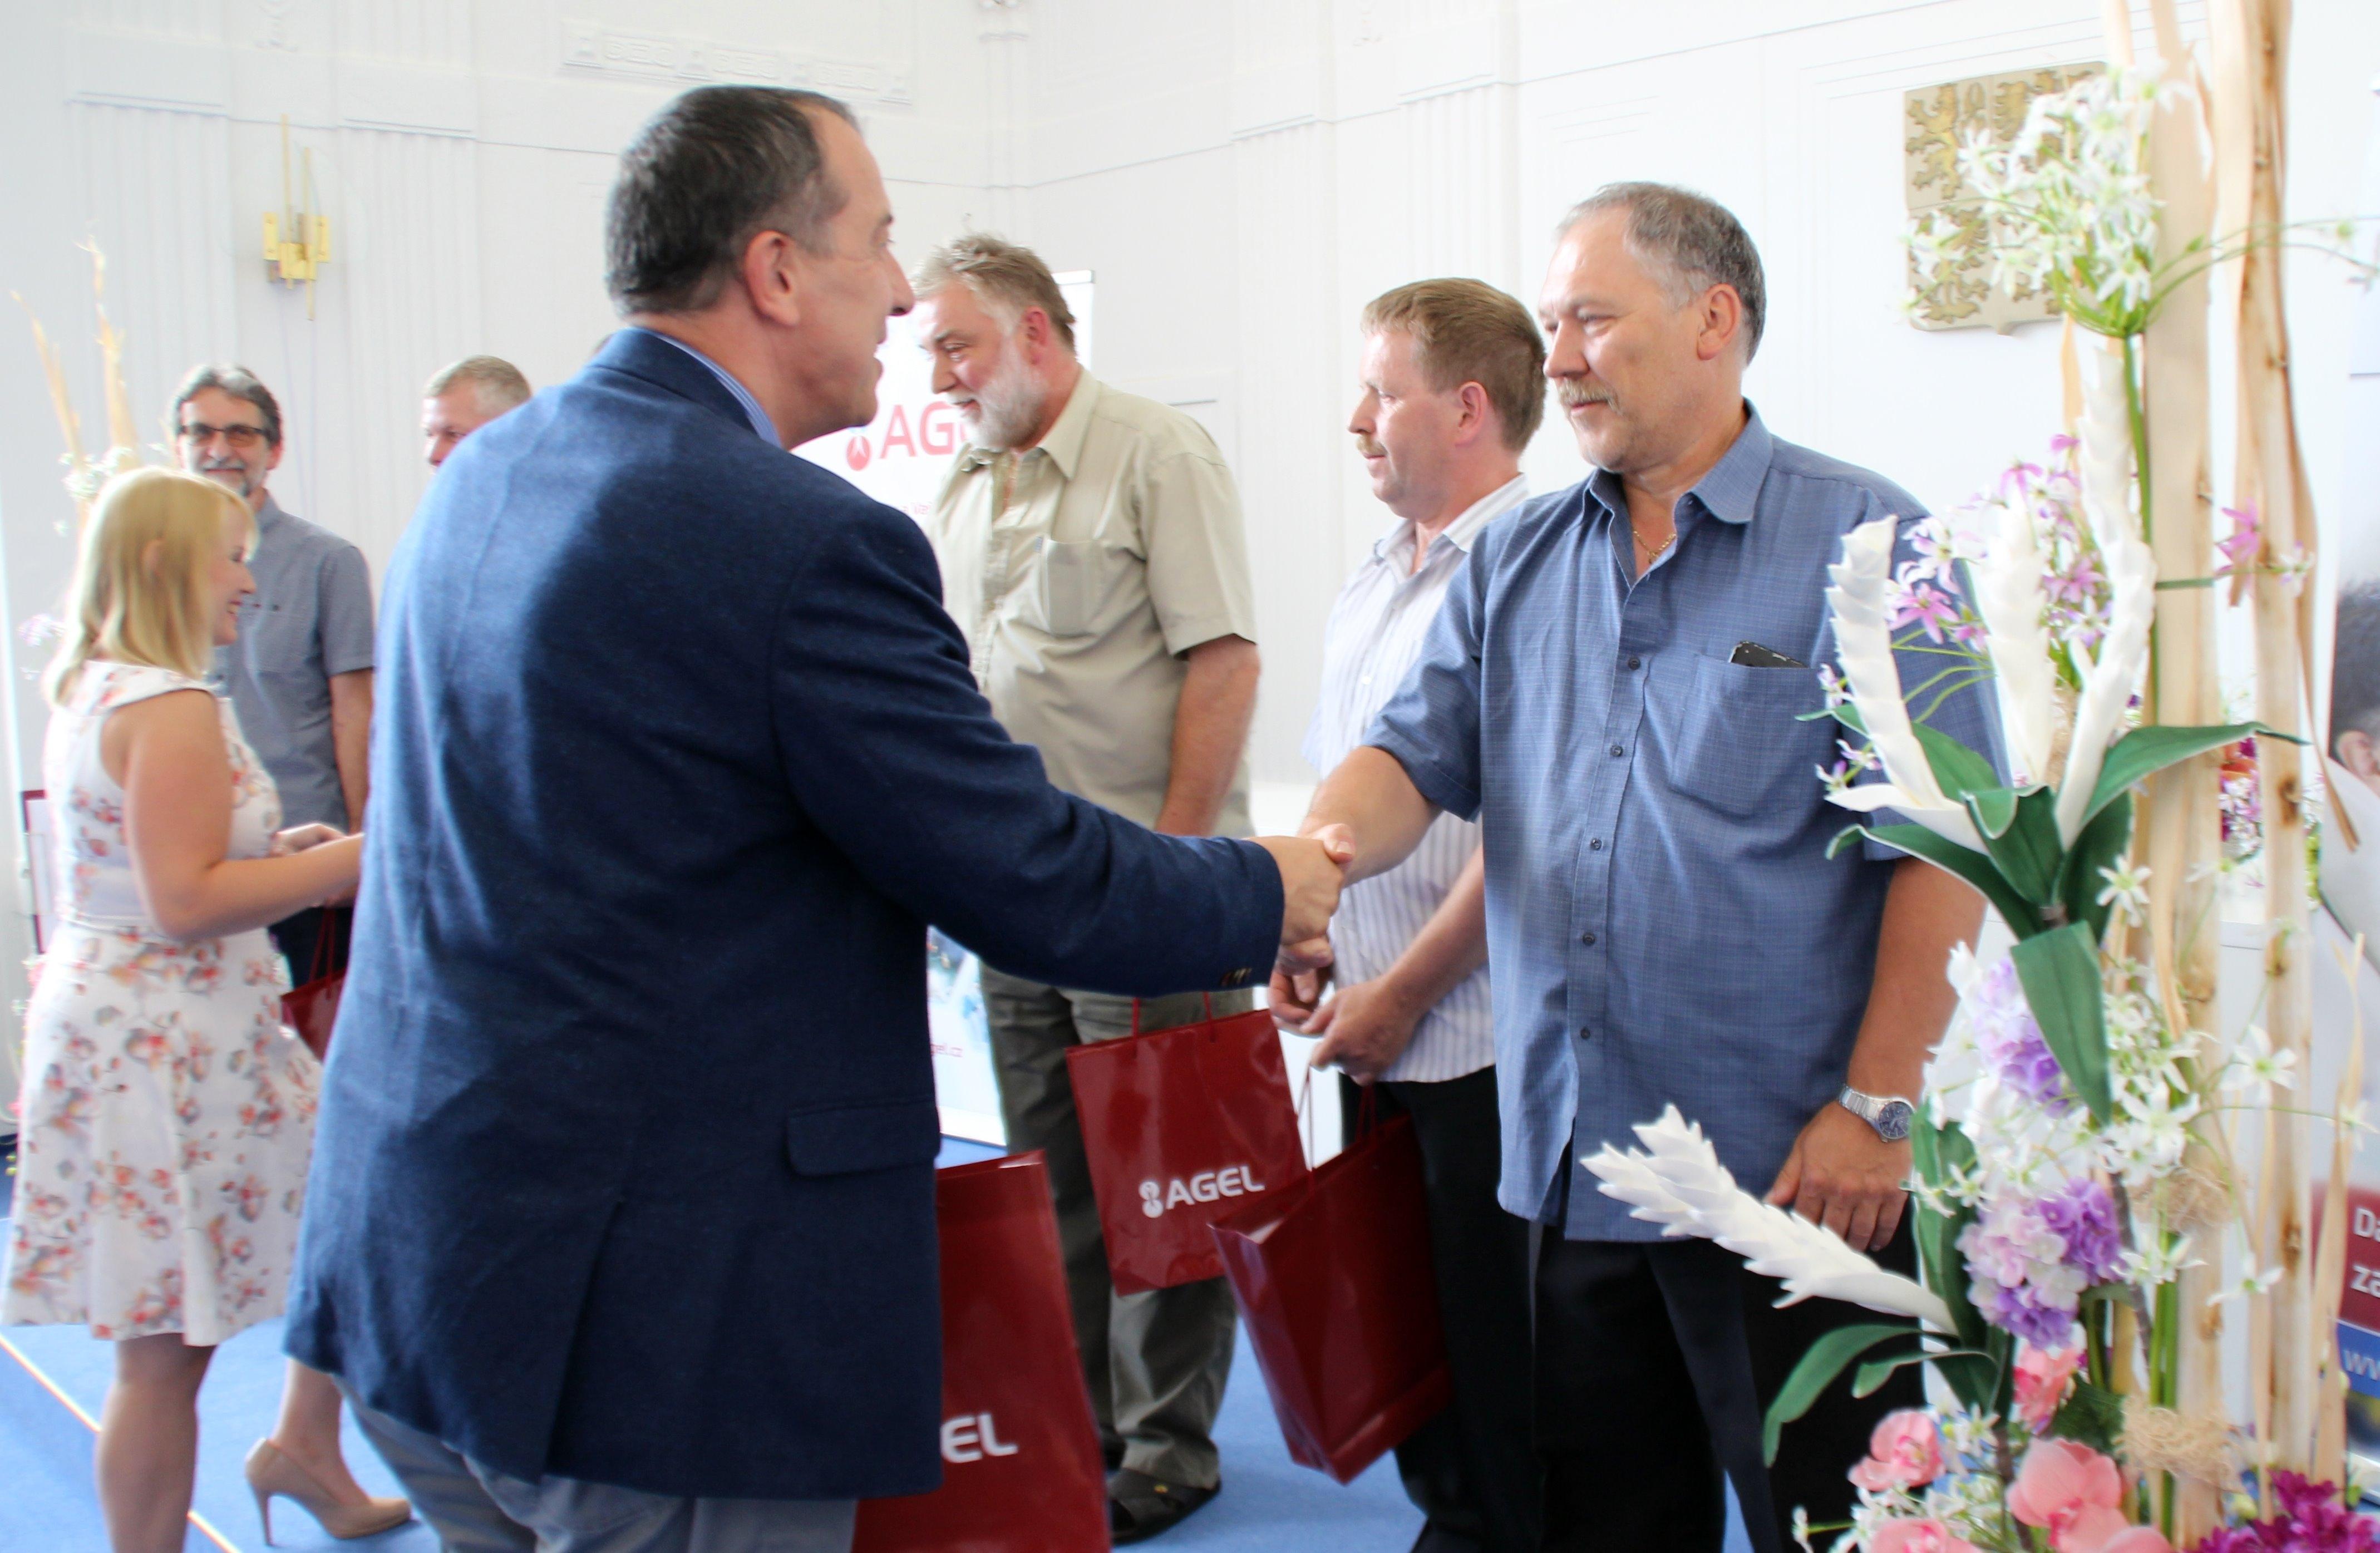 šumperský starosta Zdeněk Brož předává ocenění zdroj foto:R.Miloševská